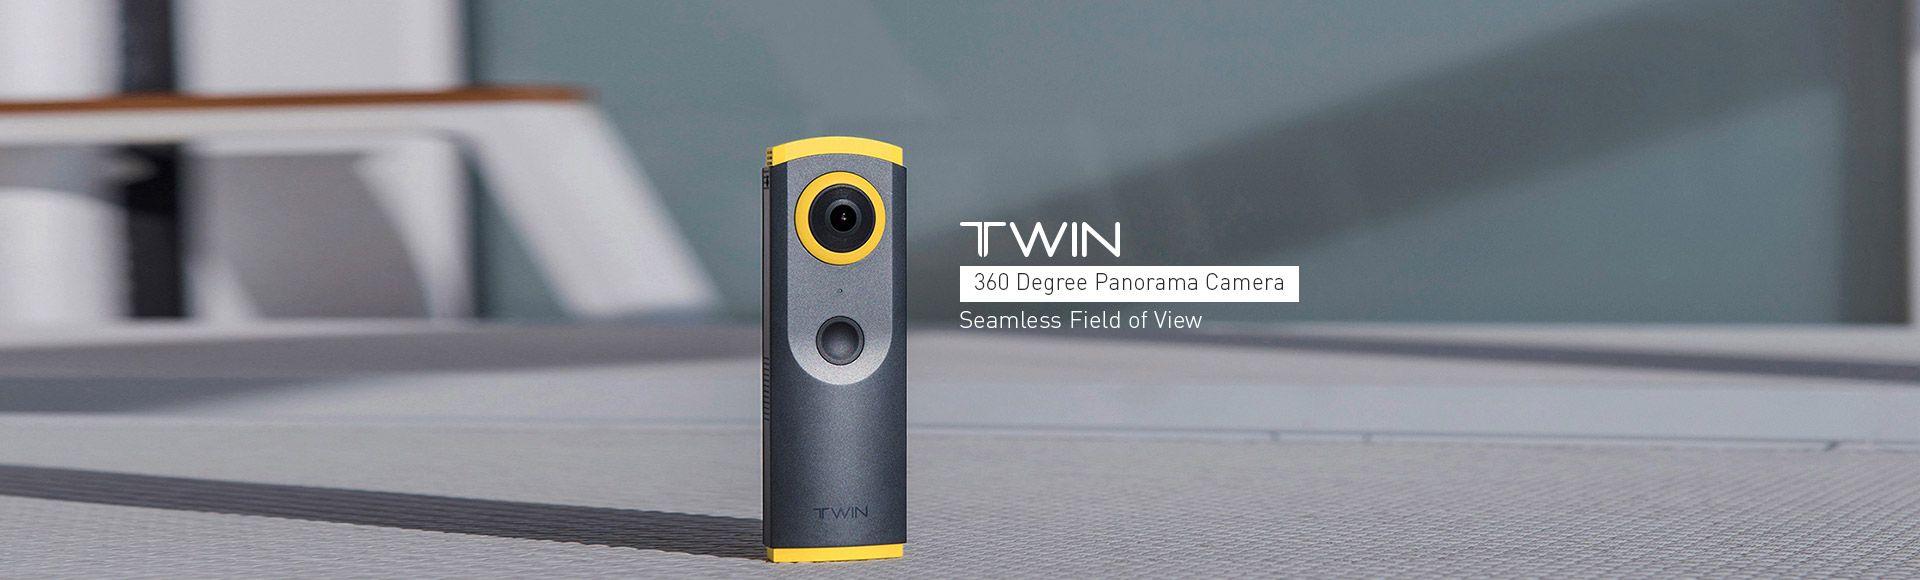 Detu Twin 360° Camera - Panorama Camera Dual Fisheye Lens 3k Video Quality 30FPS Panoramic Live